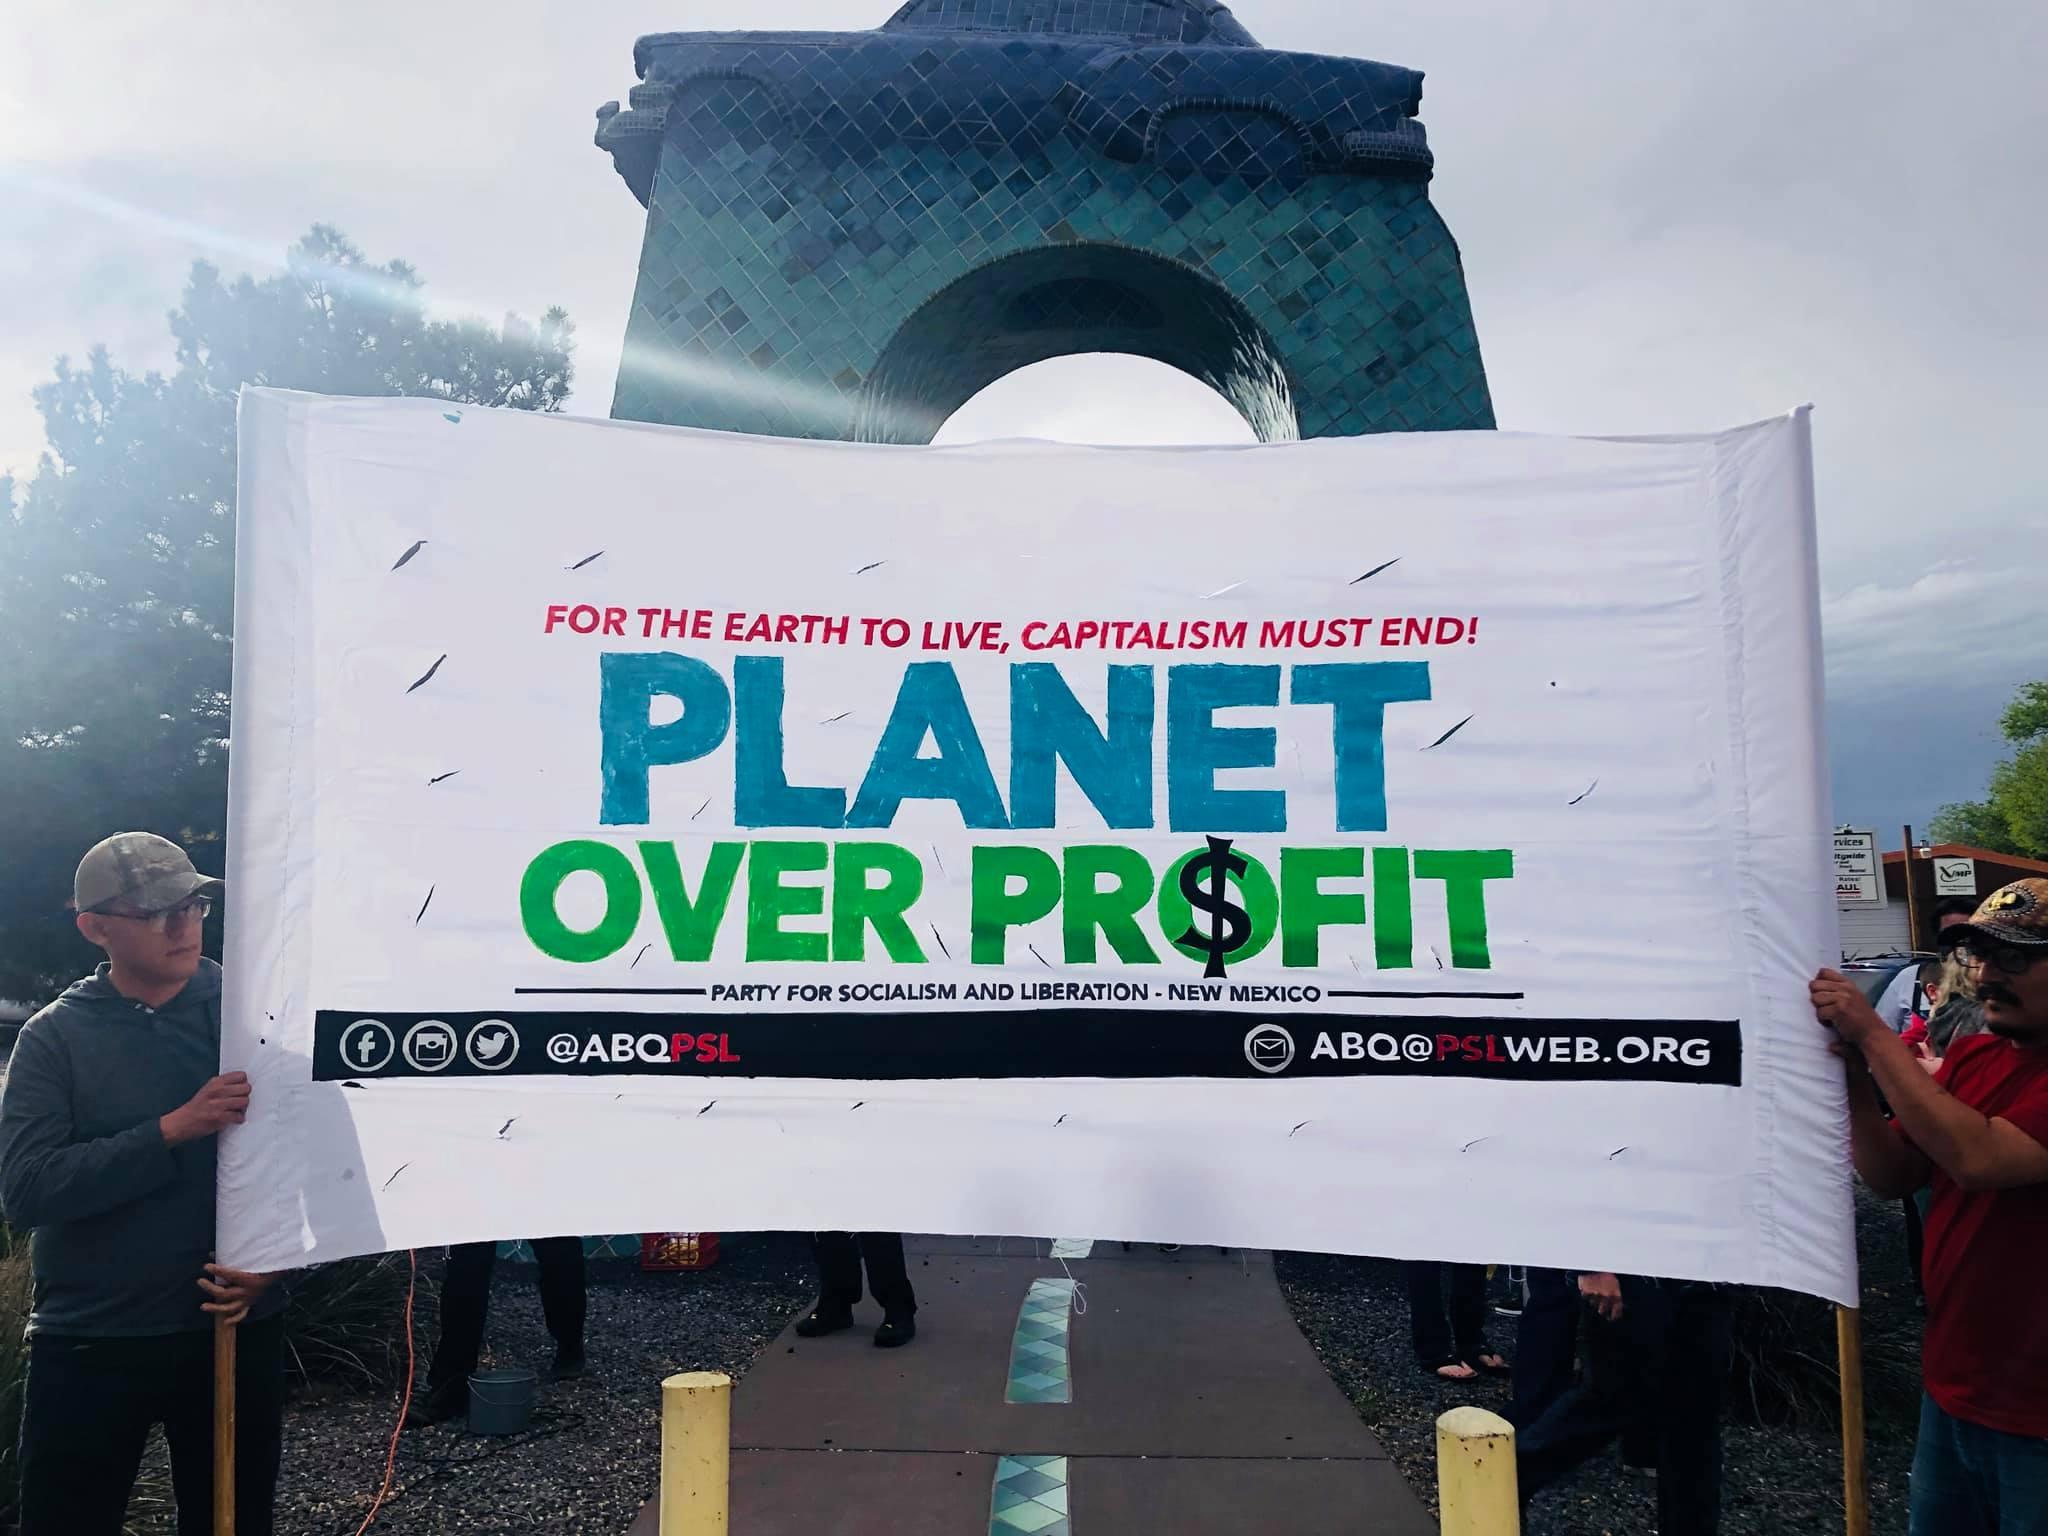 Photo of Día de la Tierra en Nuevo México, donde se unen el ecologismo y el antimilitarismo